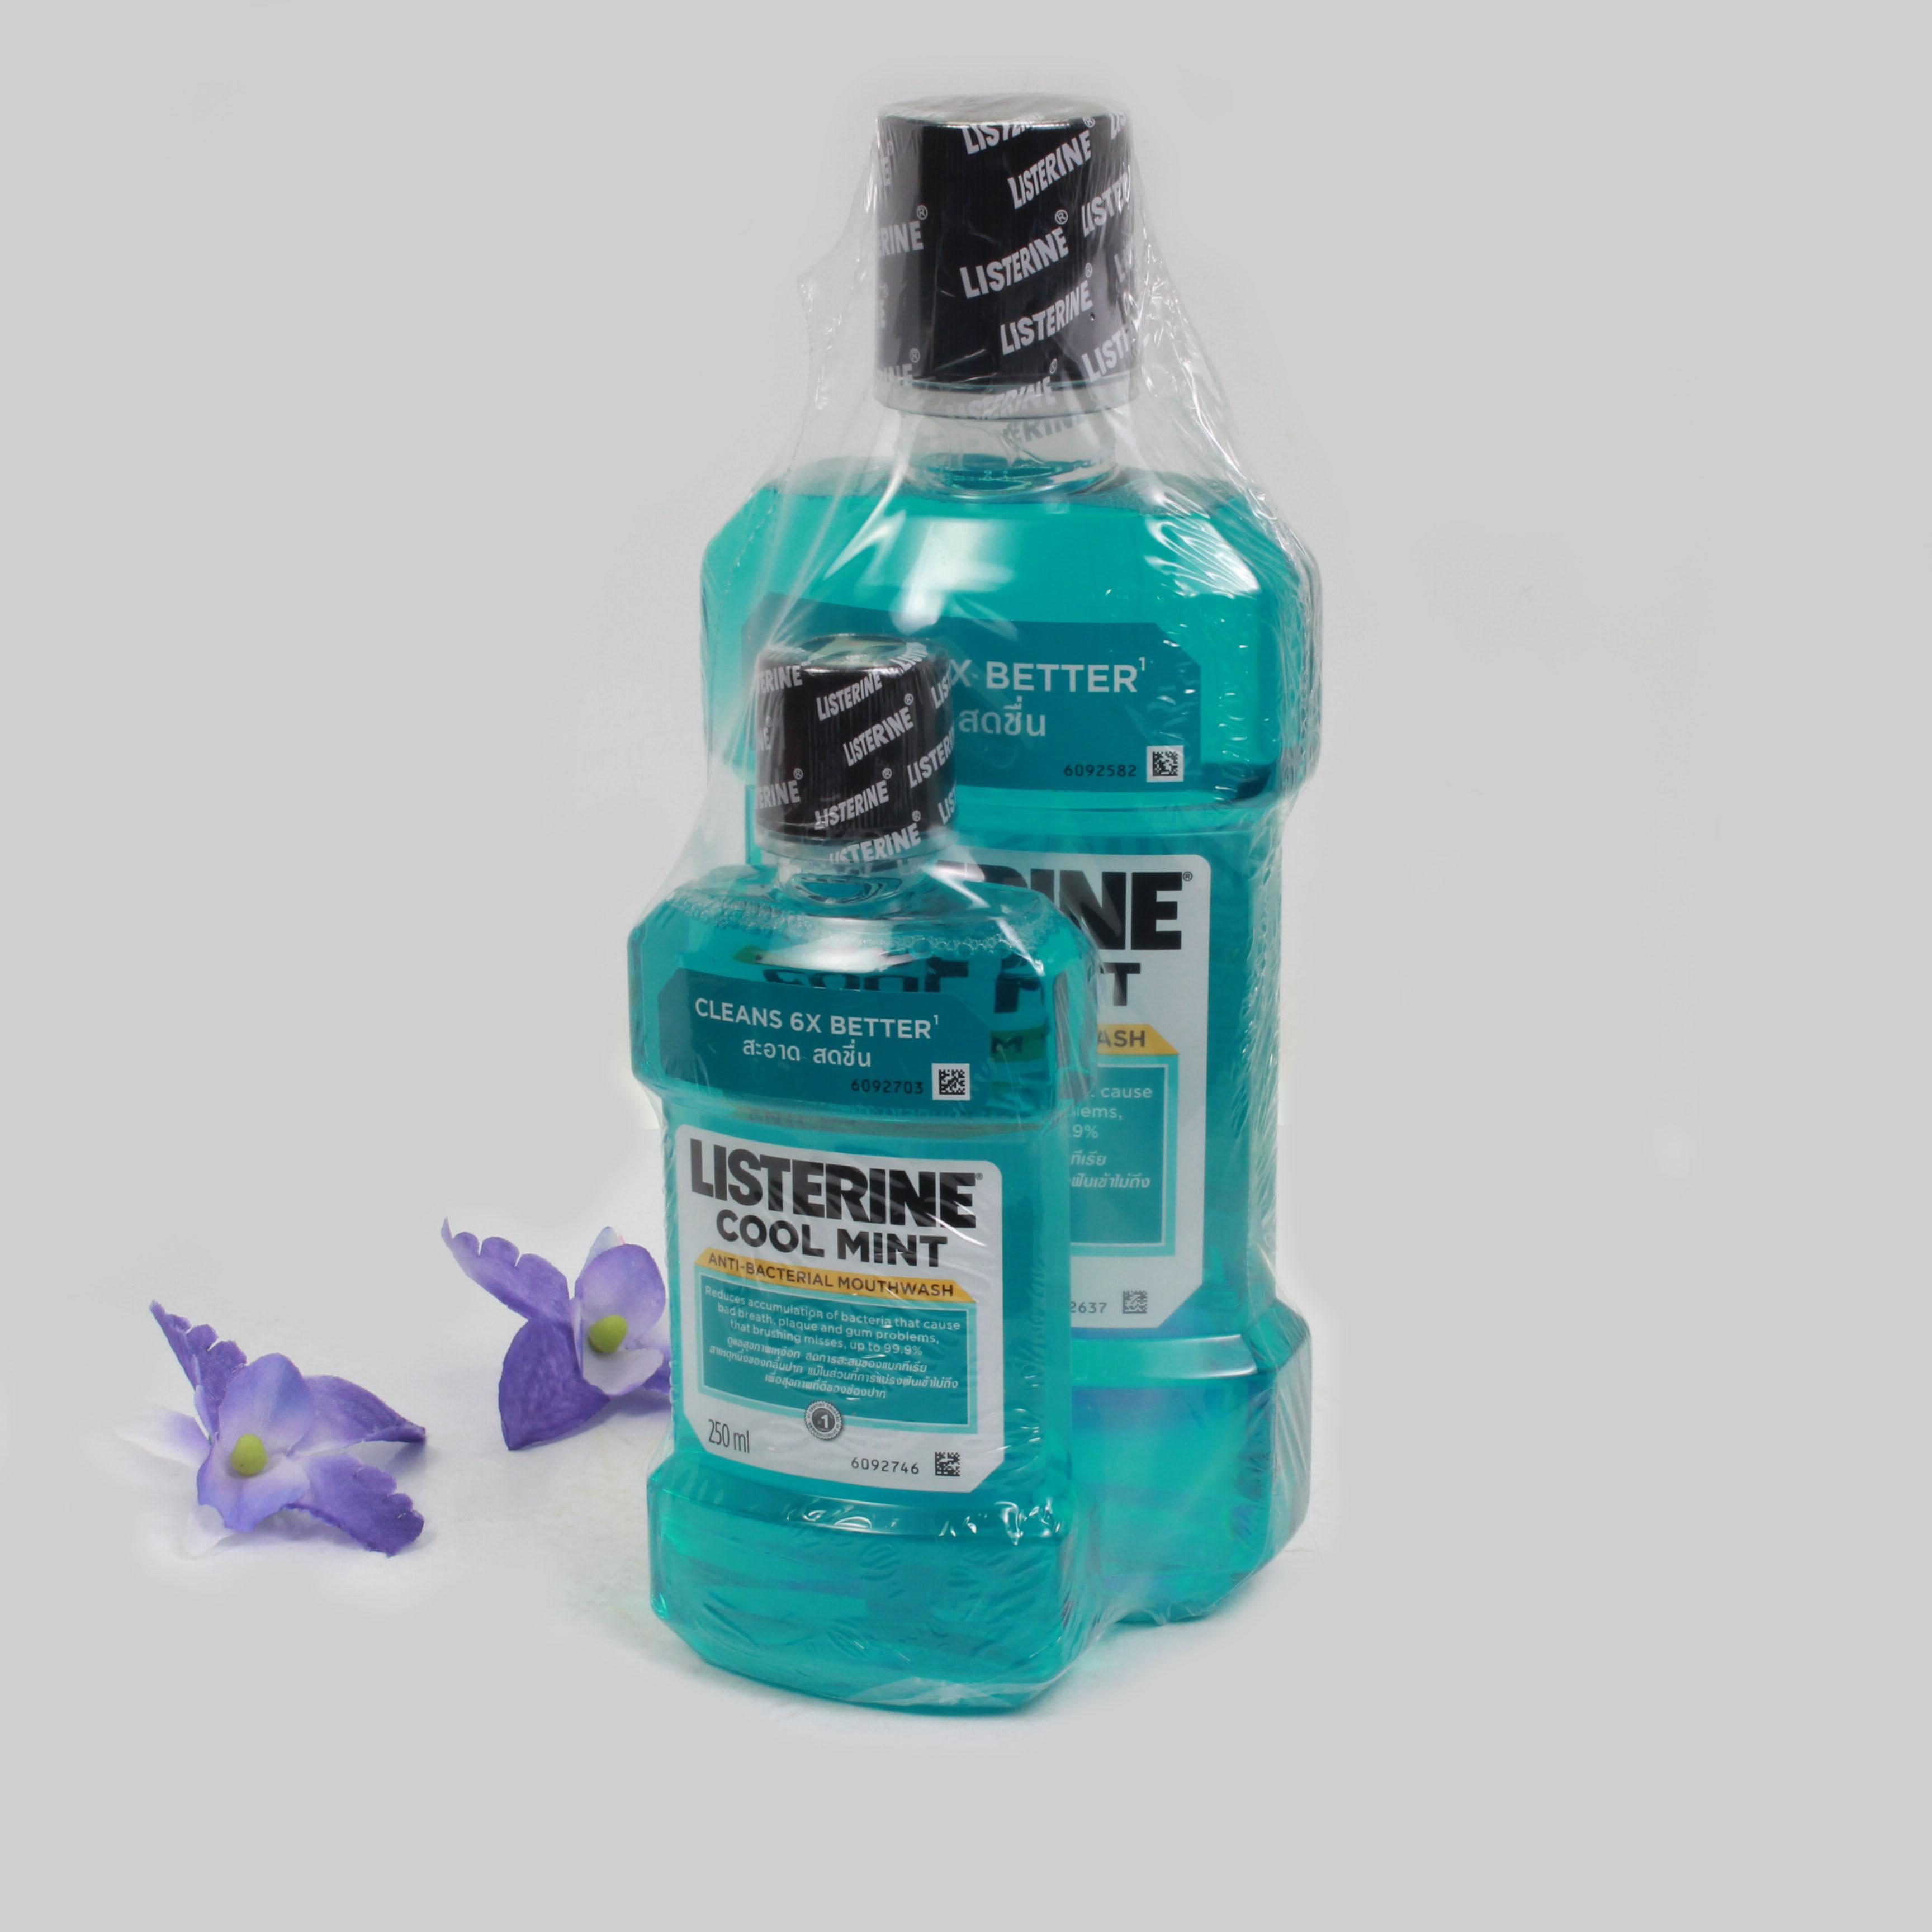 Súc miệng Listernine xanh bạc hà 750ml- kèm 250 ml bạc hà